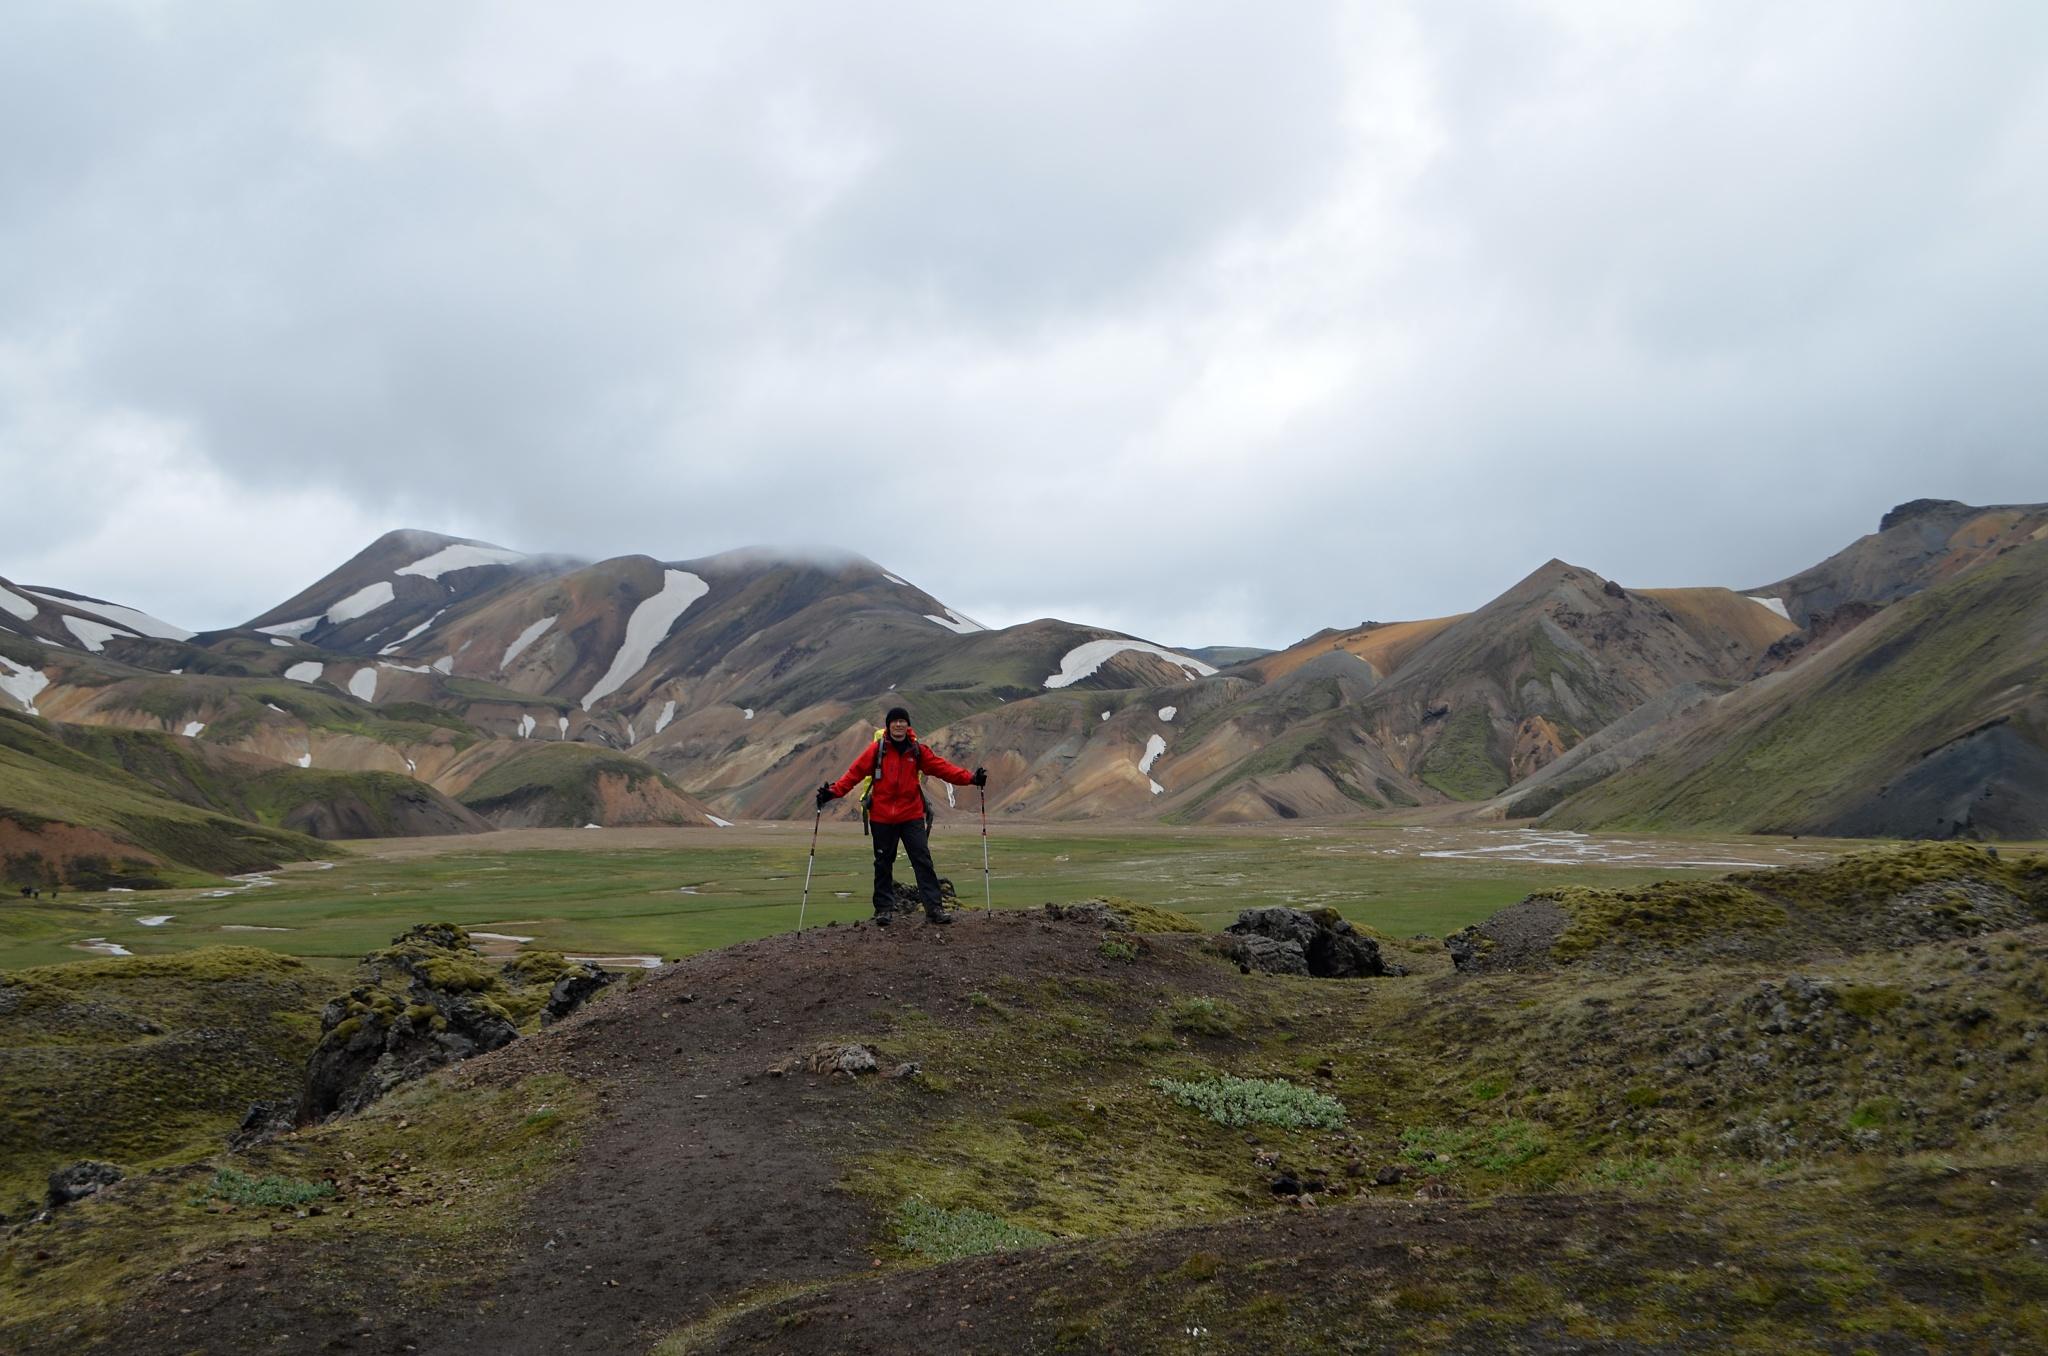 Poslední fotky s Duhovými horami